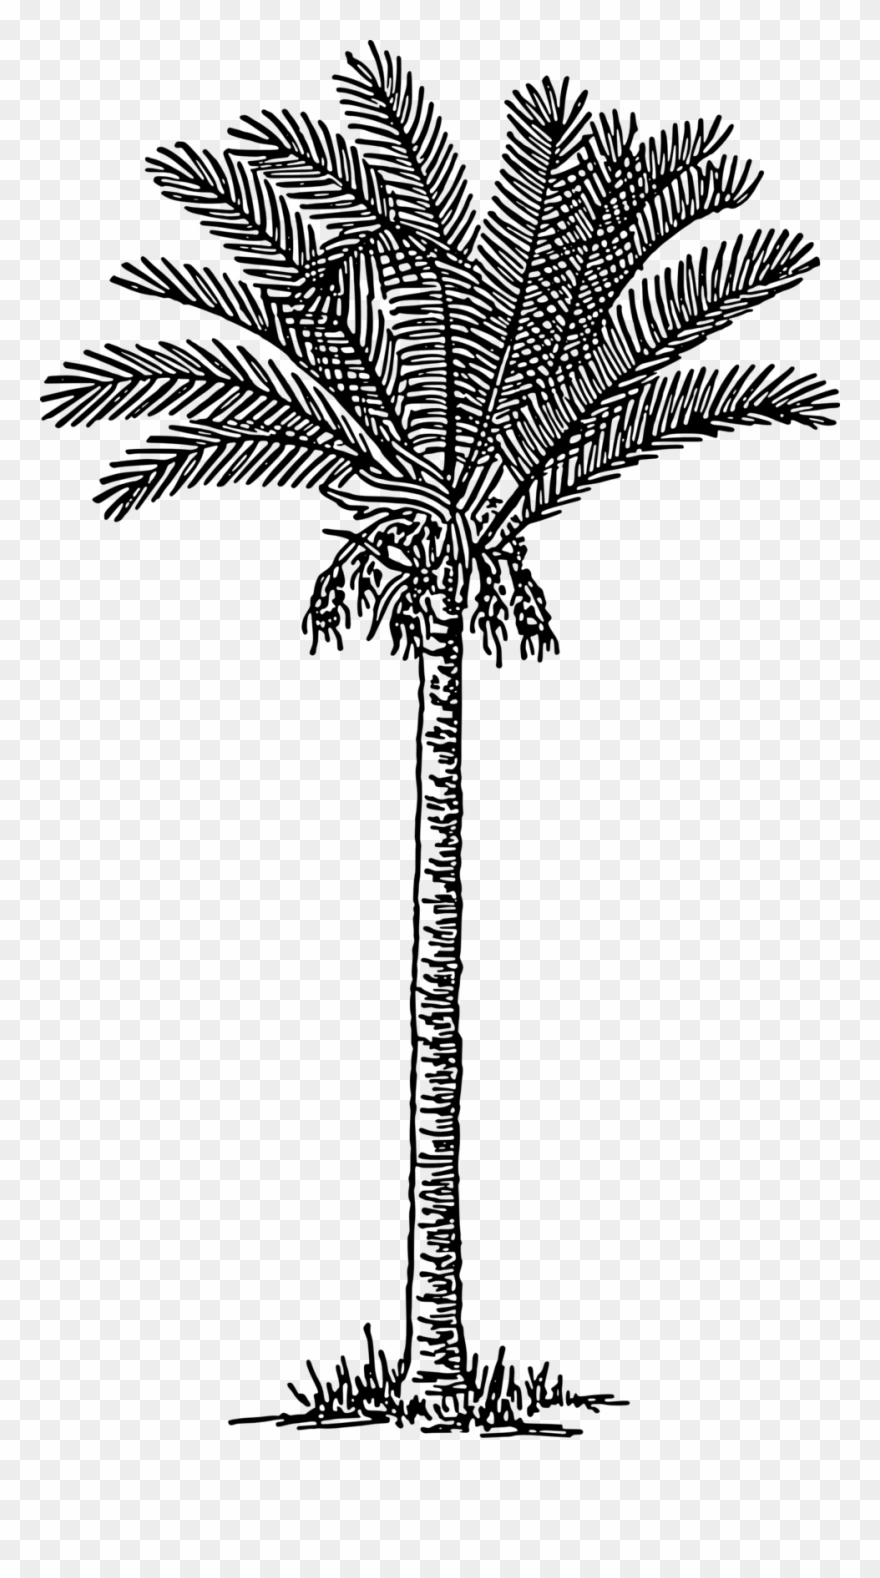 palm-tree # 4855668